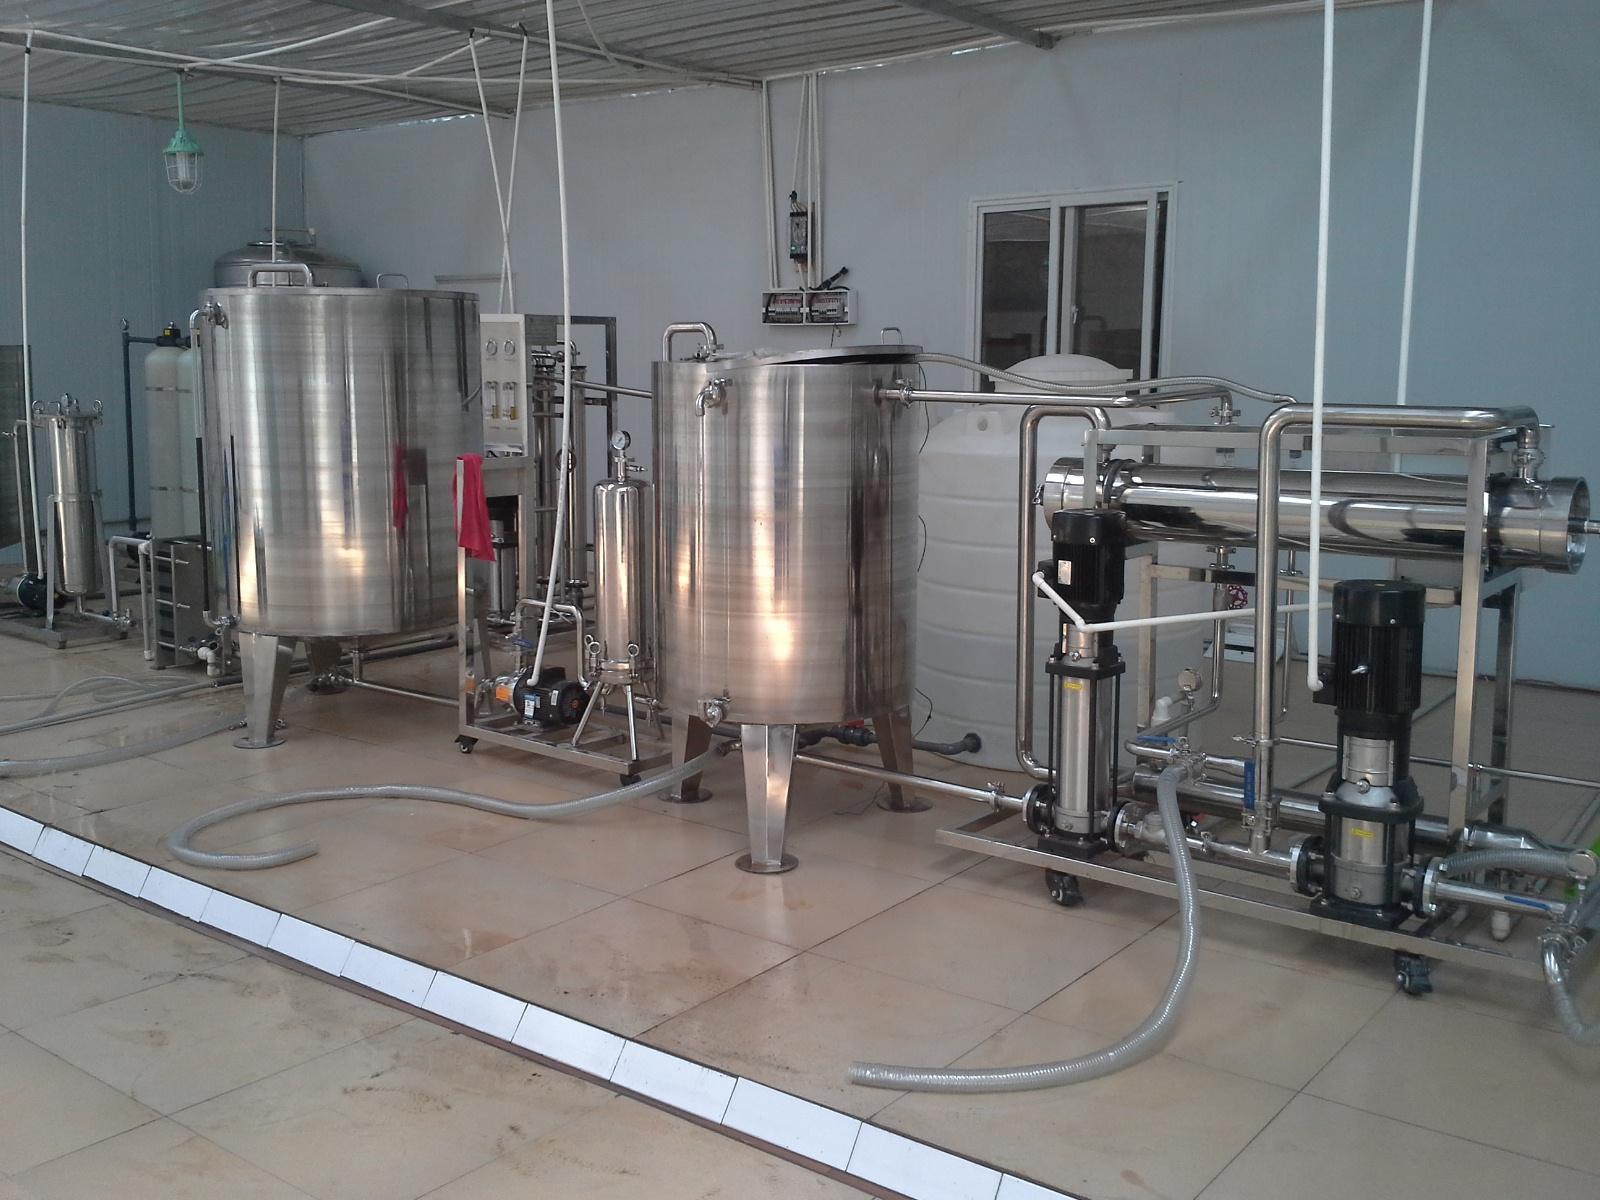 杜仲叶制备绿原酸设备 膜过滤设备